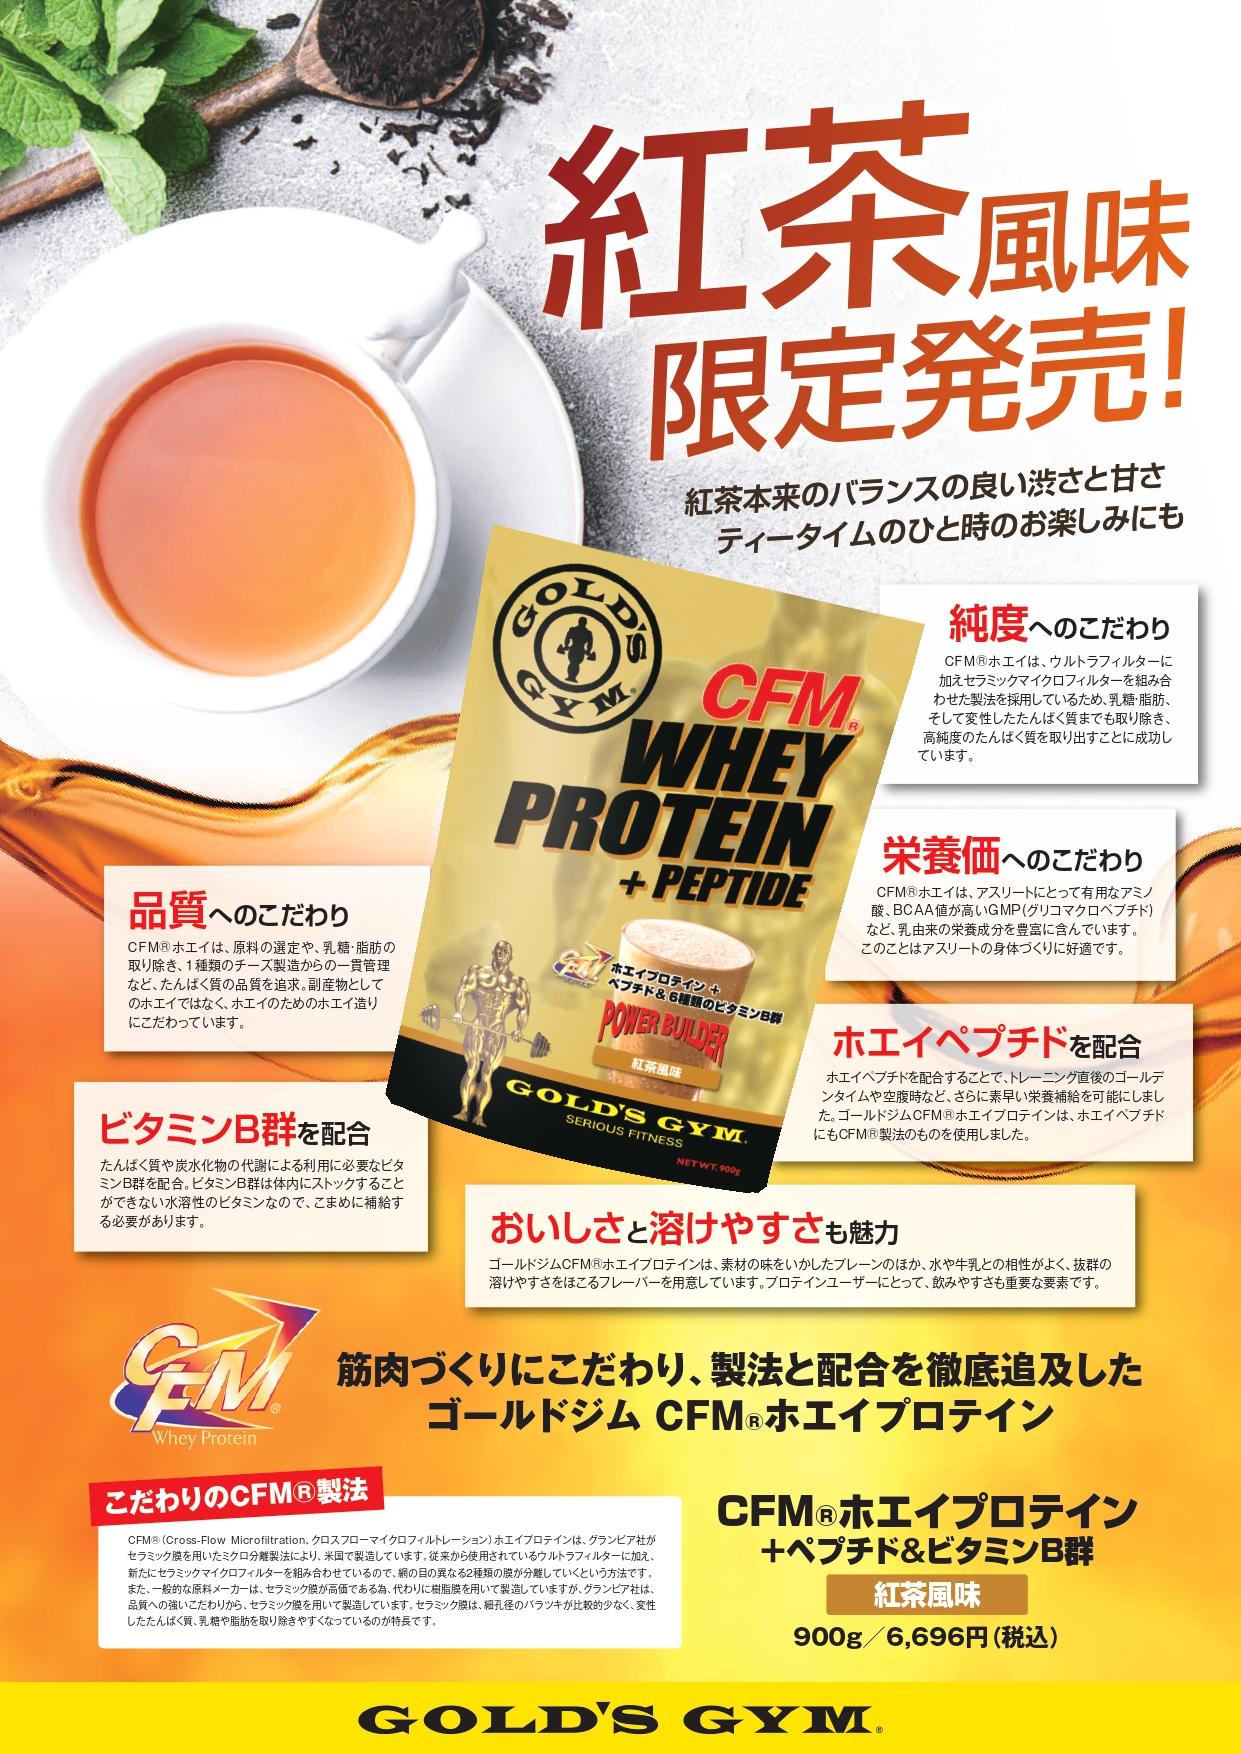 ゴールドジム CFMプロテイン 紅茶風味 数量限定発売決定!!